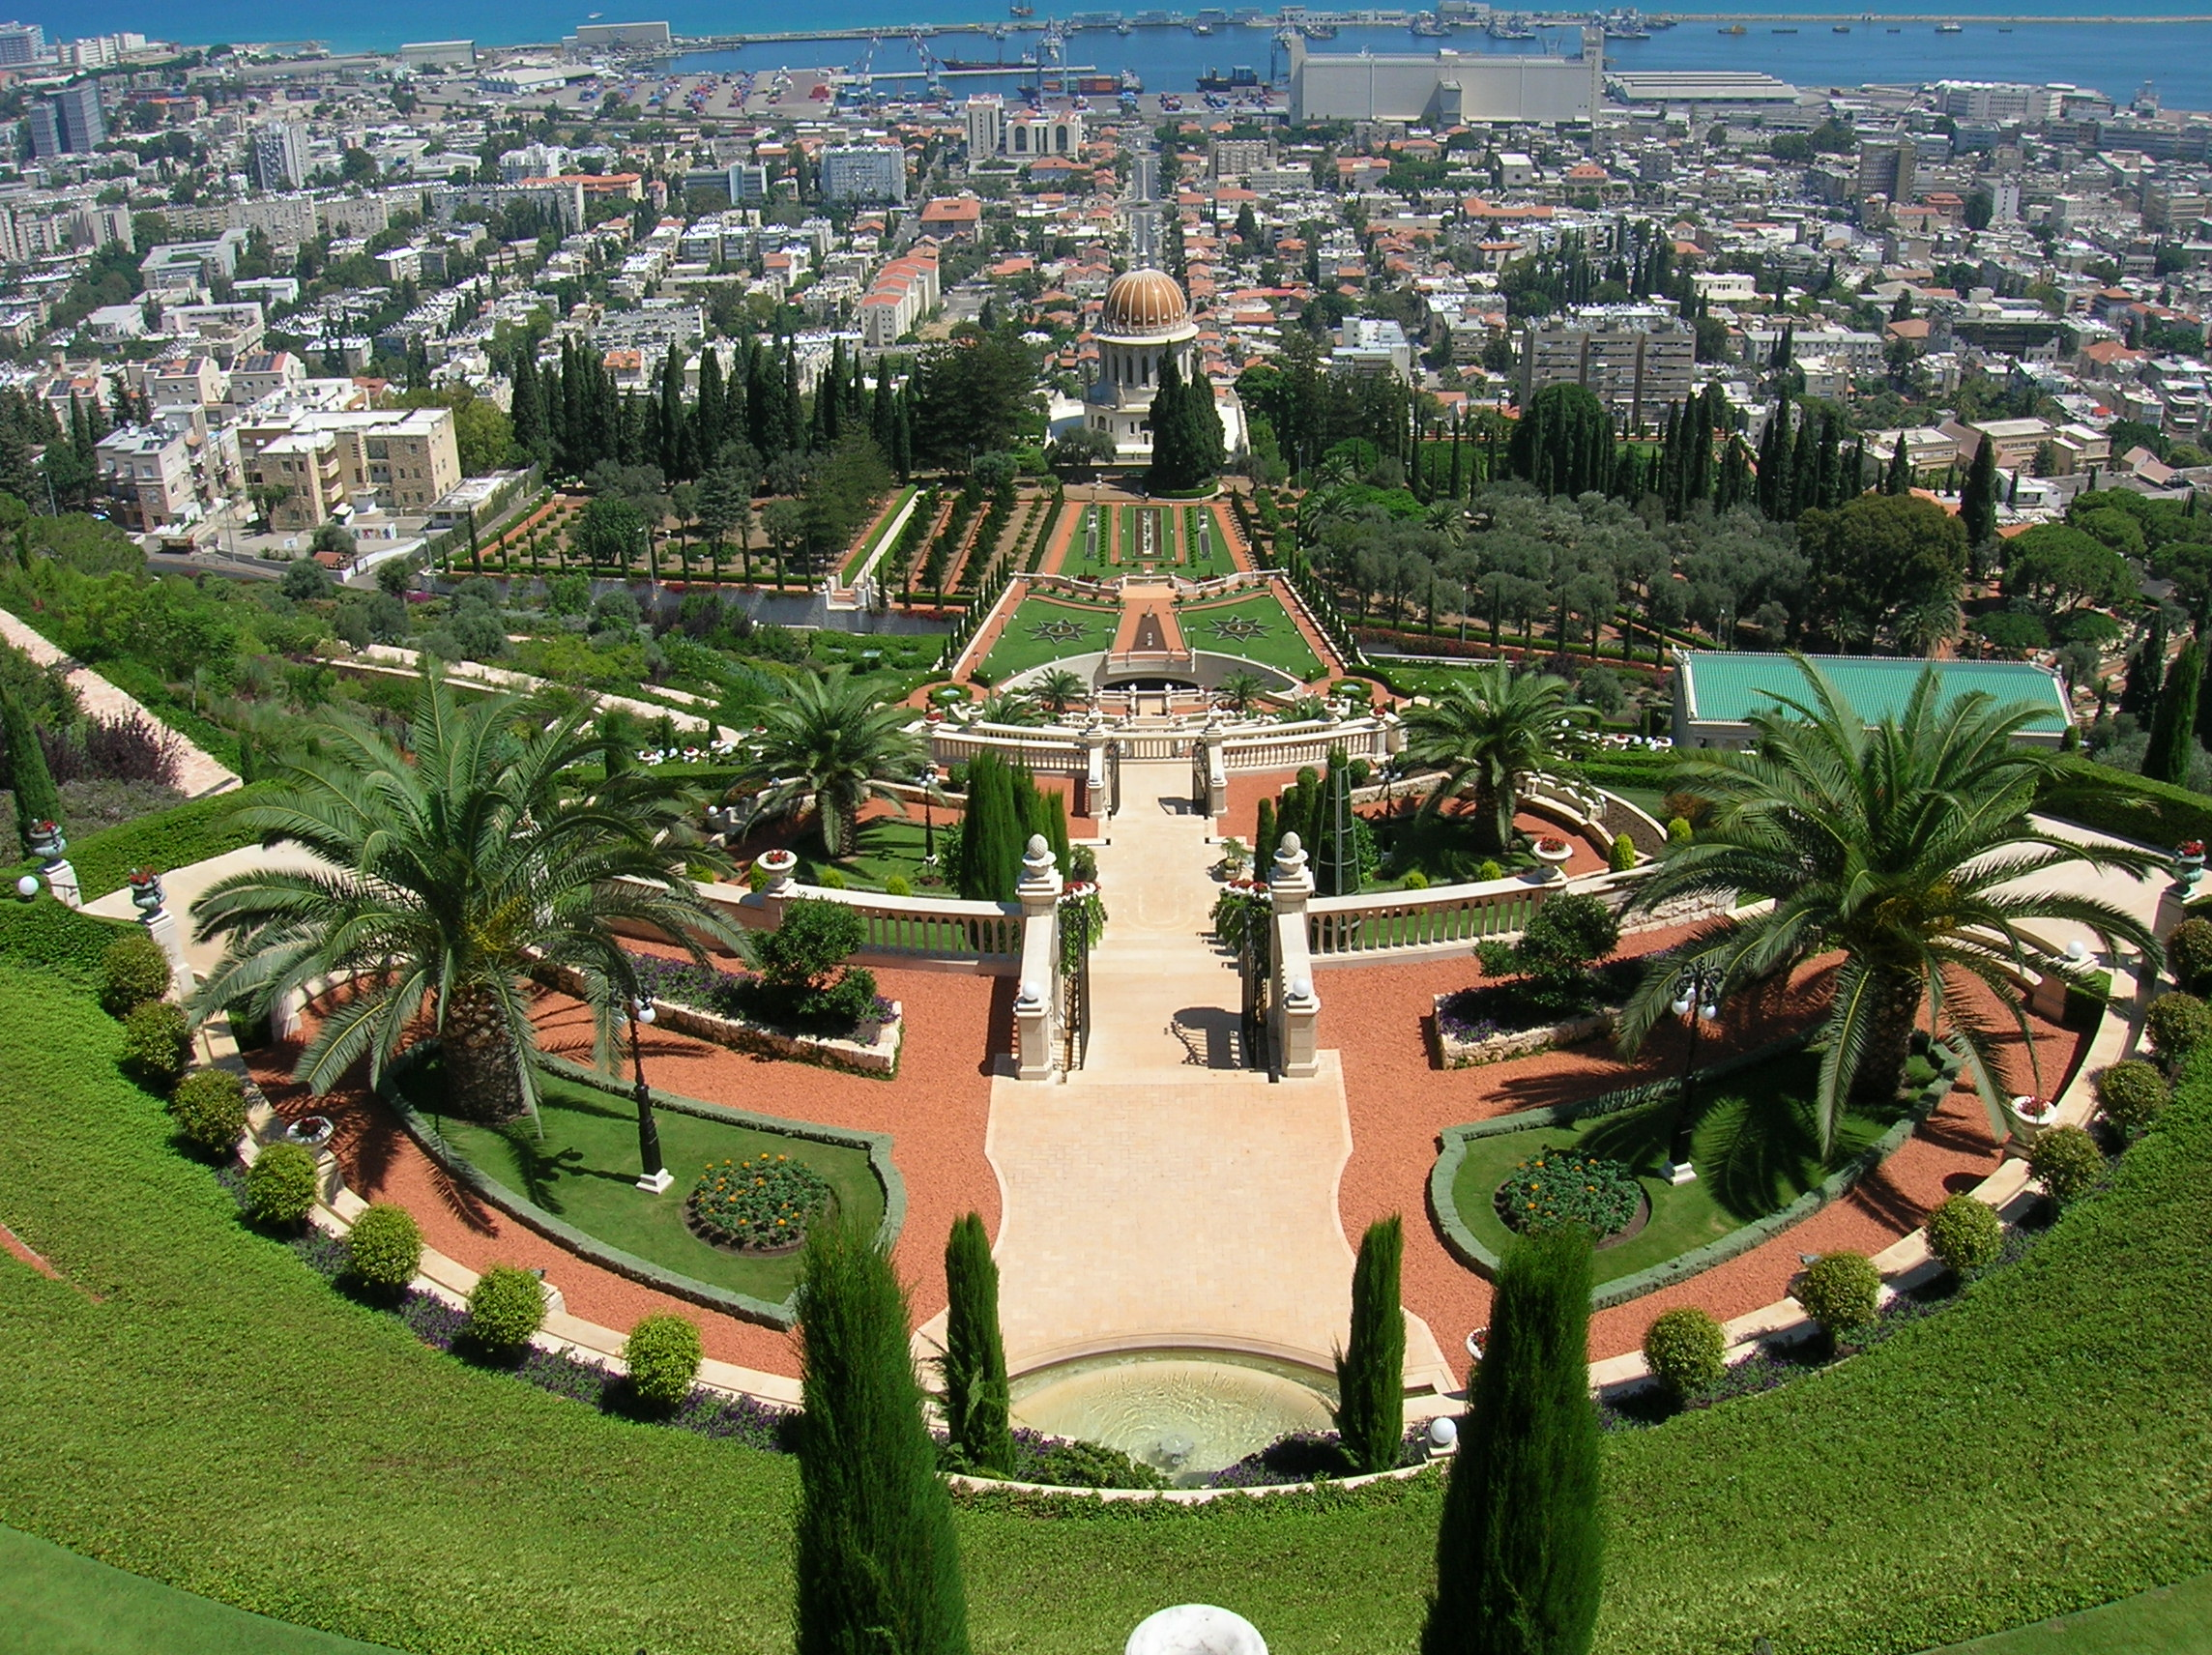 صورة حيفا عروس البحر , اكبر مدينة فلسطينية